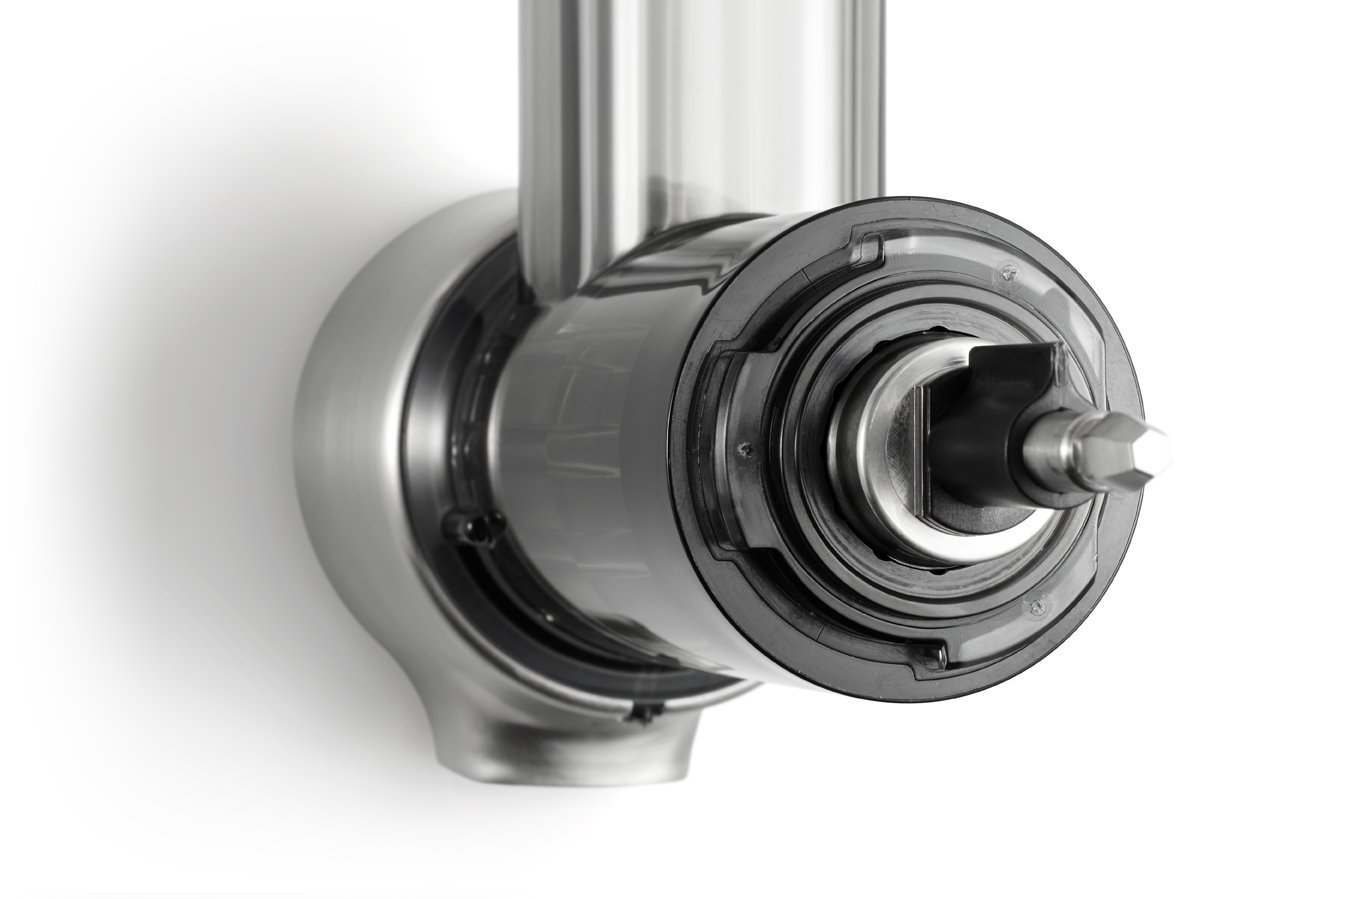 Philips Estrattori Microjuicer HR1894/80 Estrattore di Succo con Tecnologia Micro Masticating per cogliere Tutta la polpa di Frutta e Verdura, Bianco - 2020 -